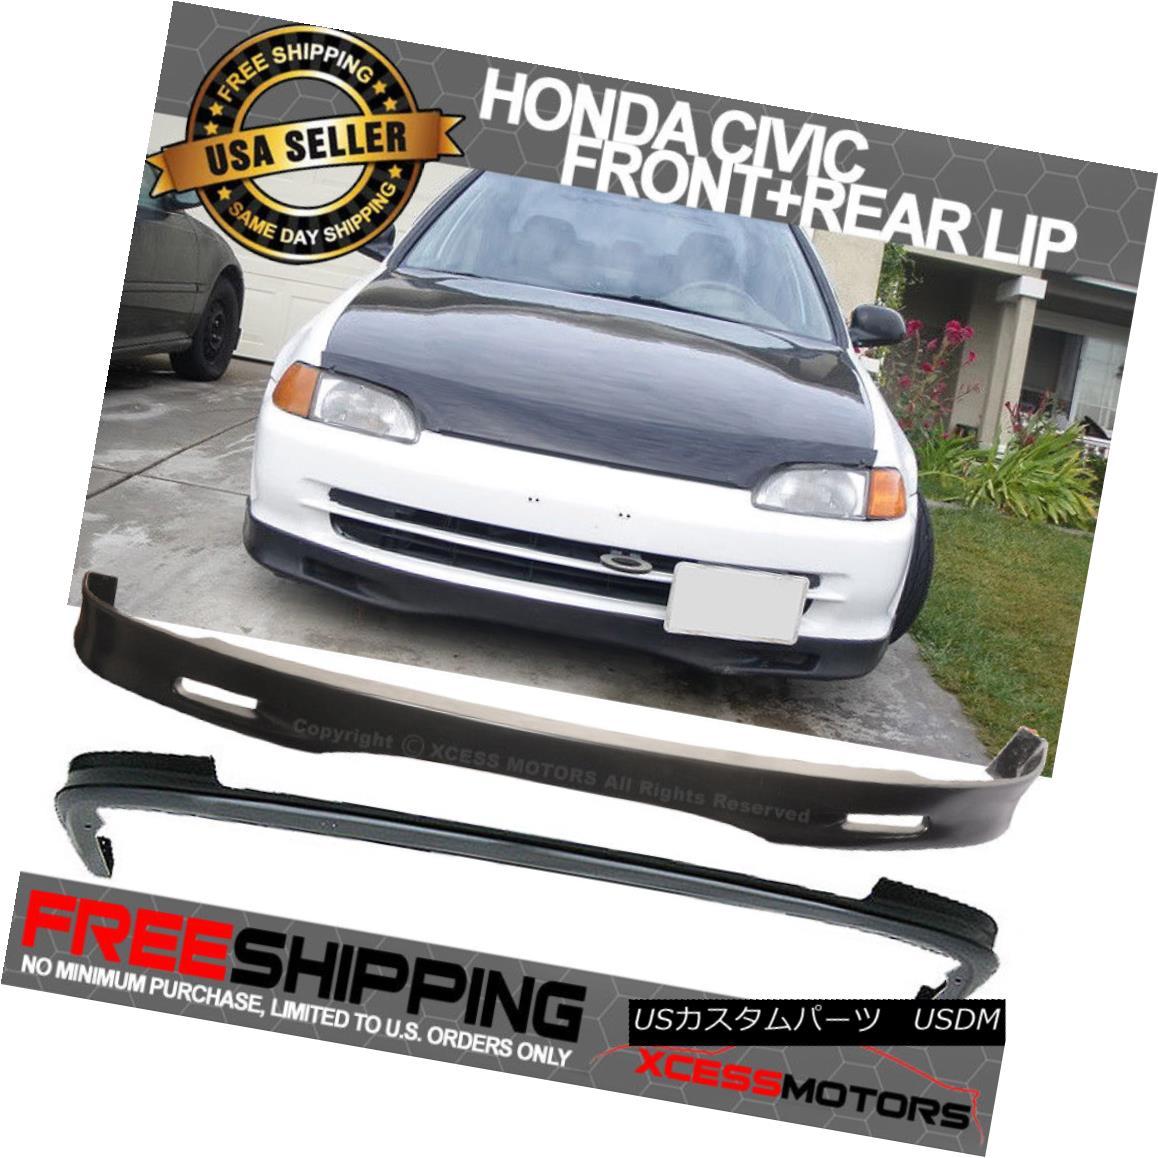 エアロパーツ Fit 01-03 Civic 4 Door SPOON Urethane Front + PP Rear Bumper Lip Spoiler Combo Fit 01-03 Civic 4 Door SPOONウレタンフロント+ PPリアバンパーリップスポイラーコンボ